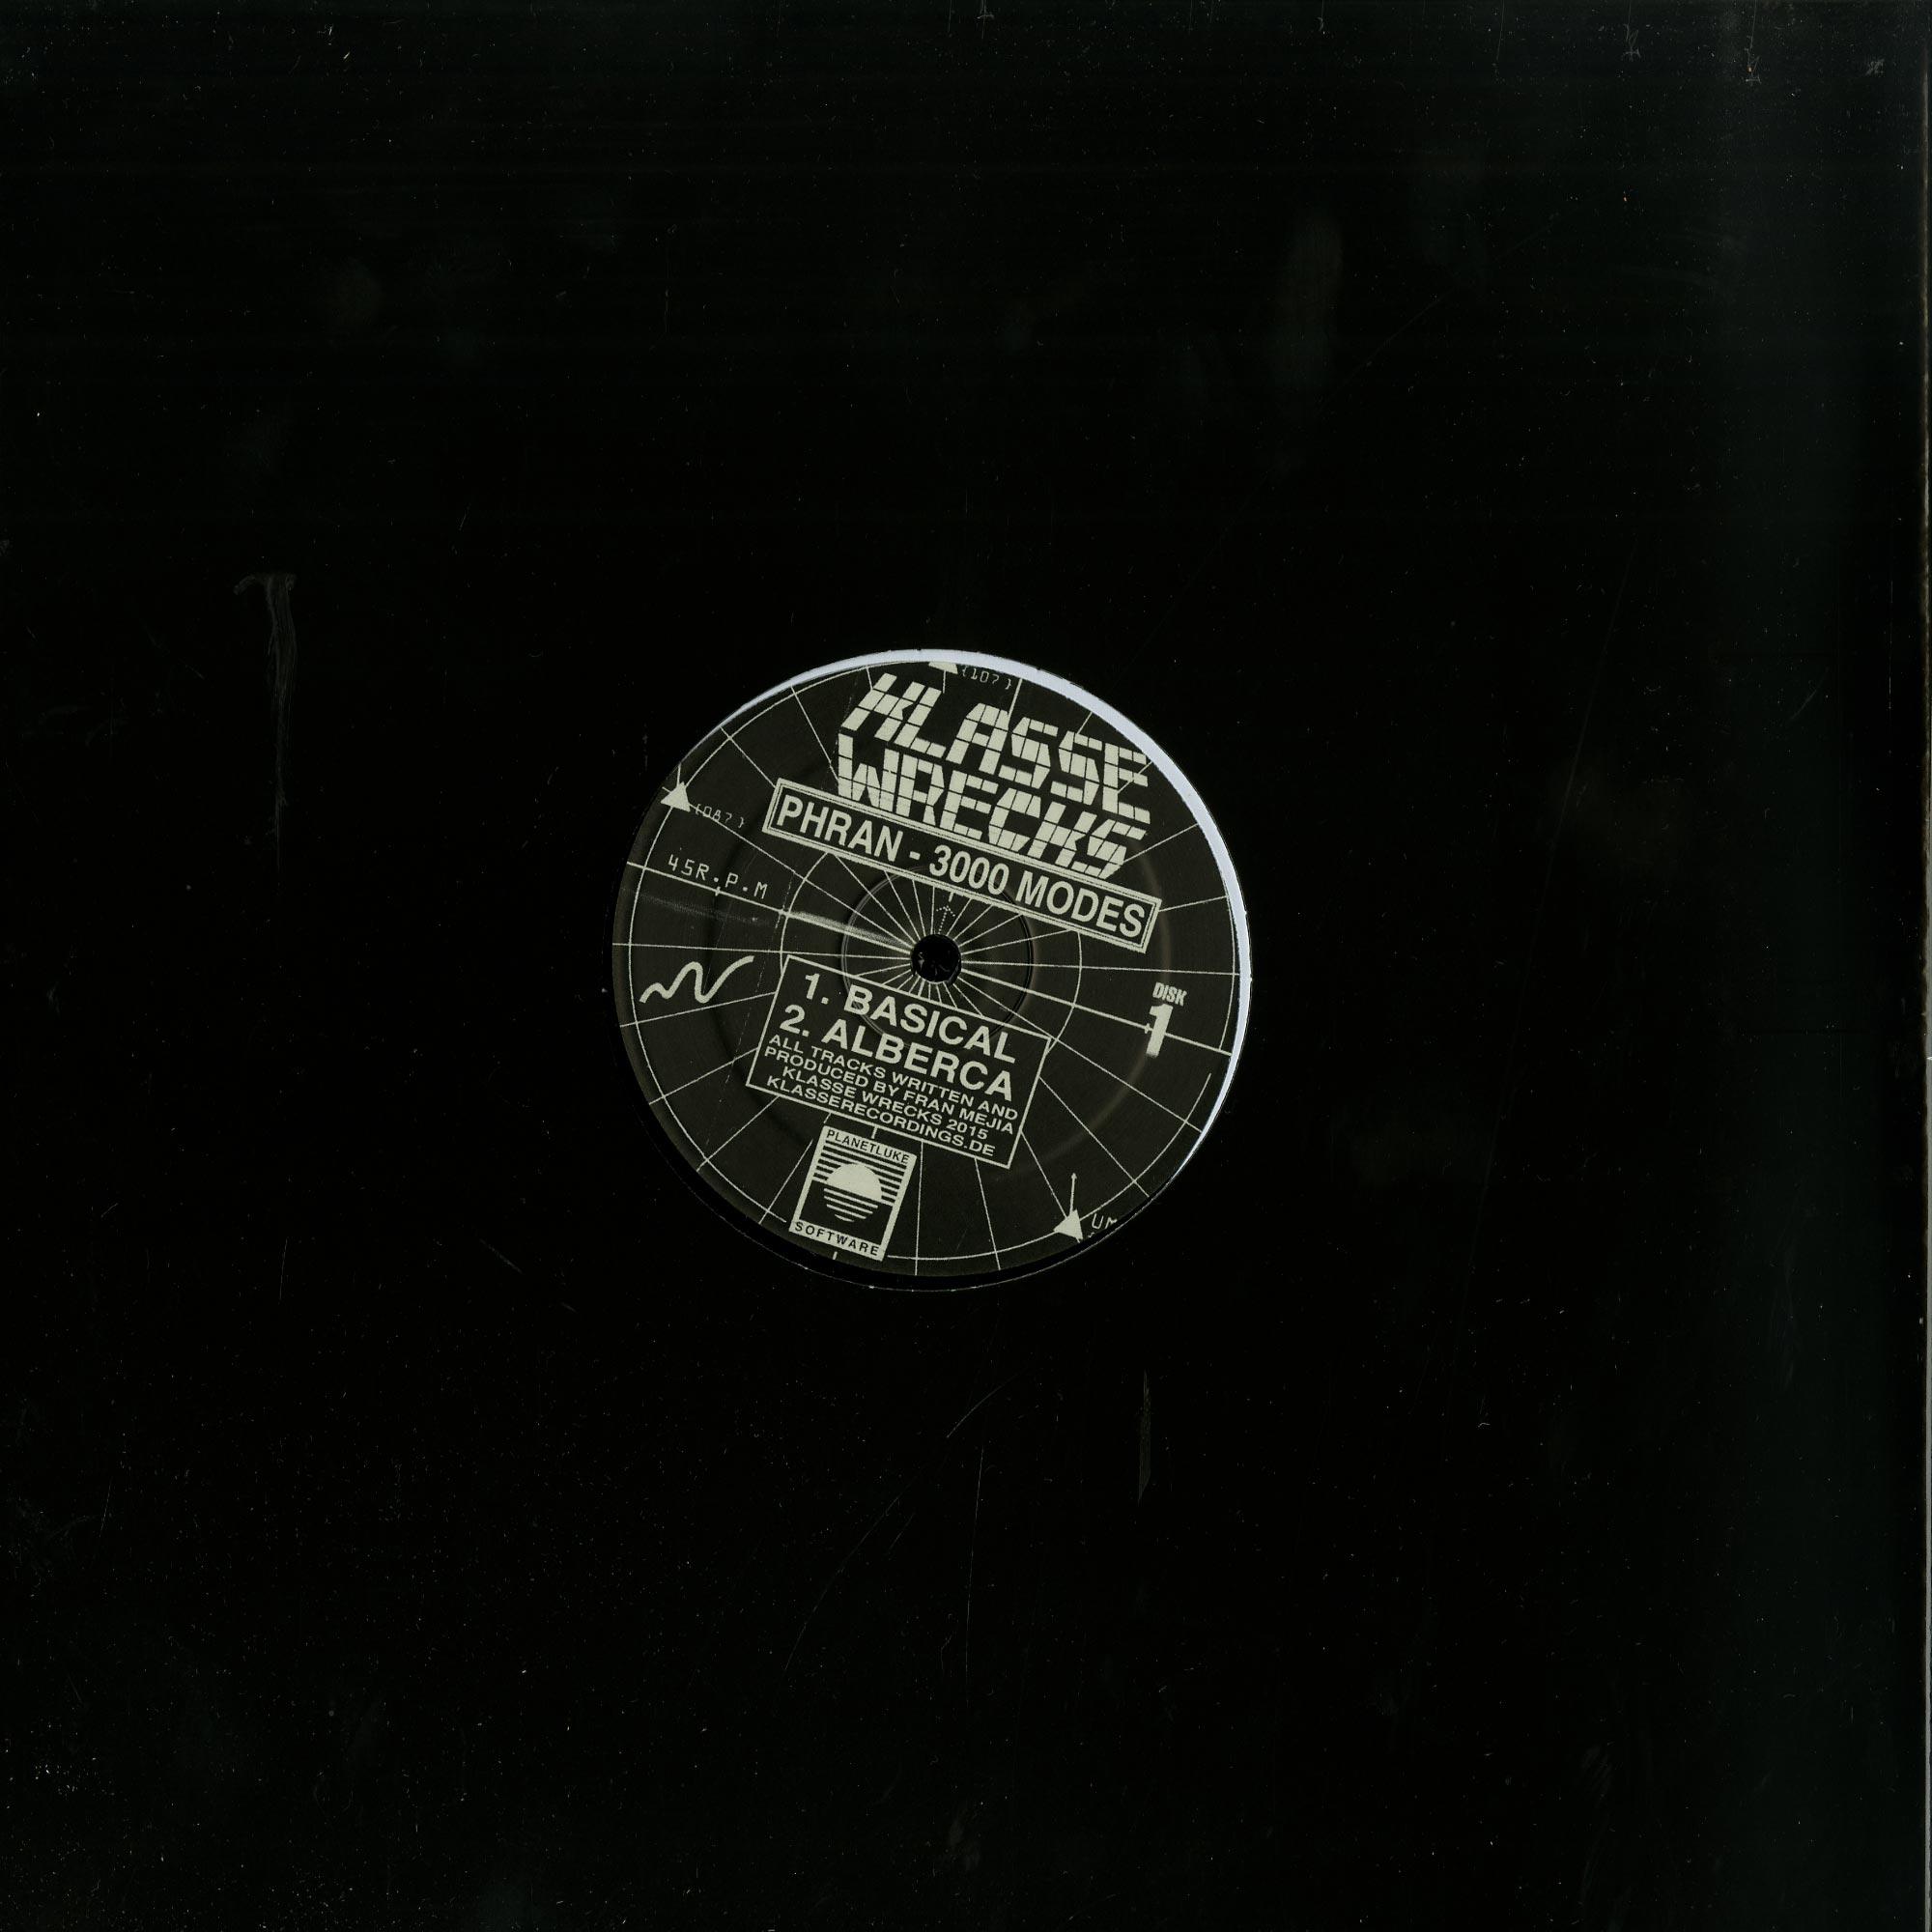 Phran - 3000 MODES EP